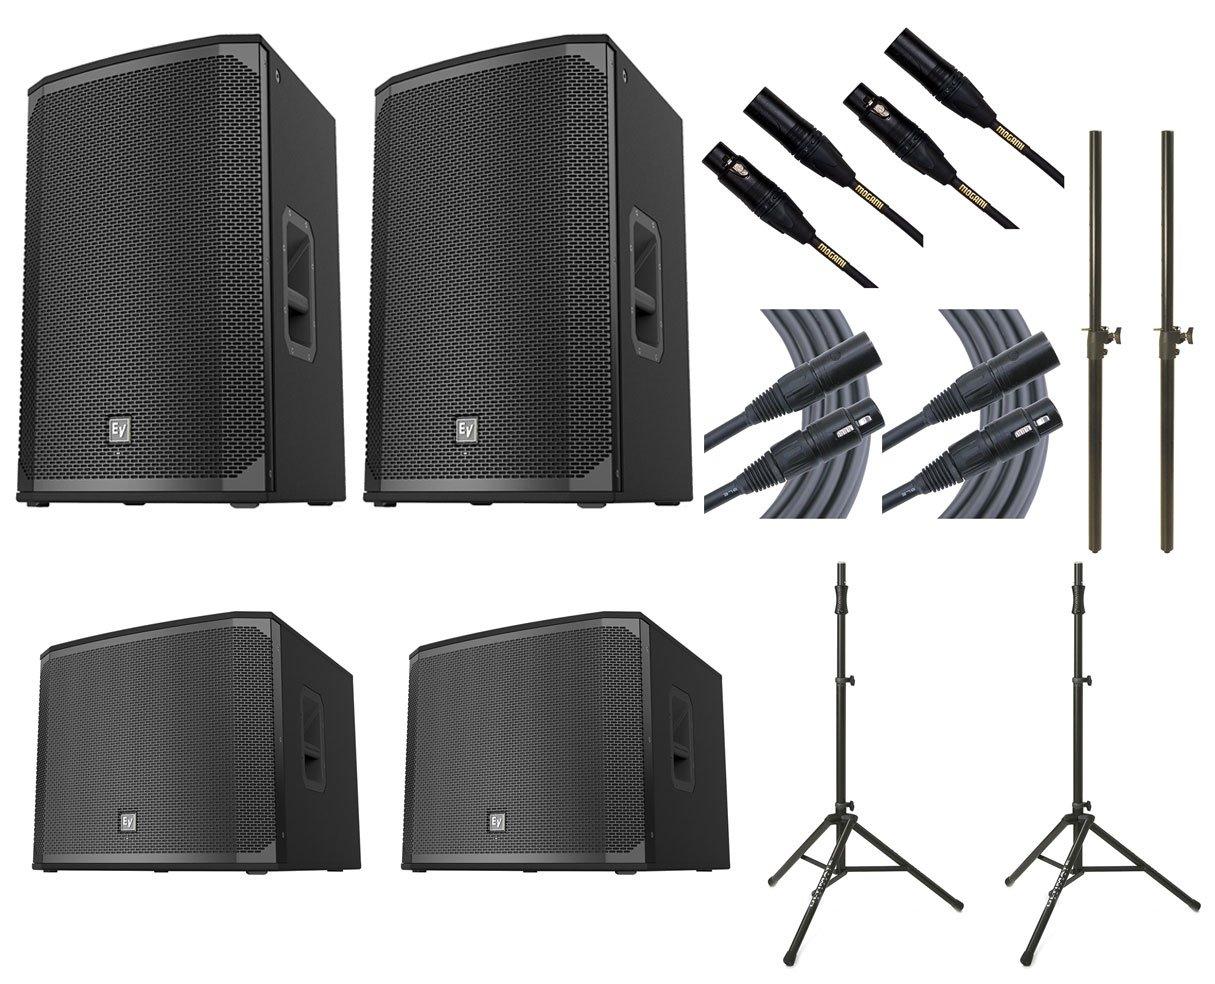 2x Electro-Voice EKX-15P + 2x EV EXK-18SP + 2x Ultimate TS-100B + Mogami Cables + Poles by EV